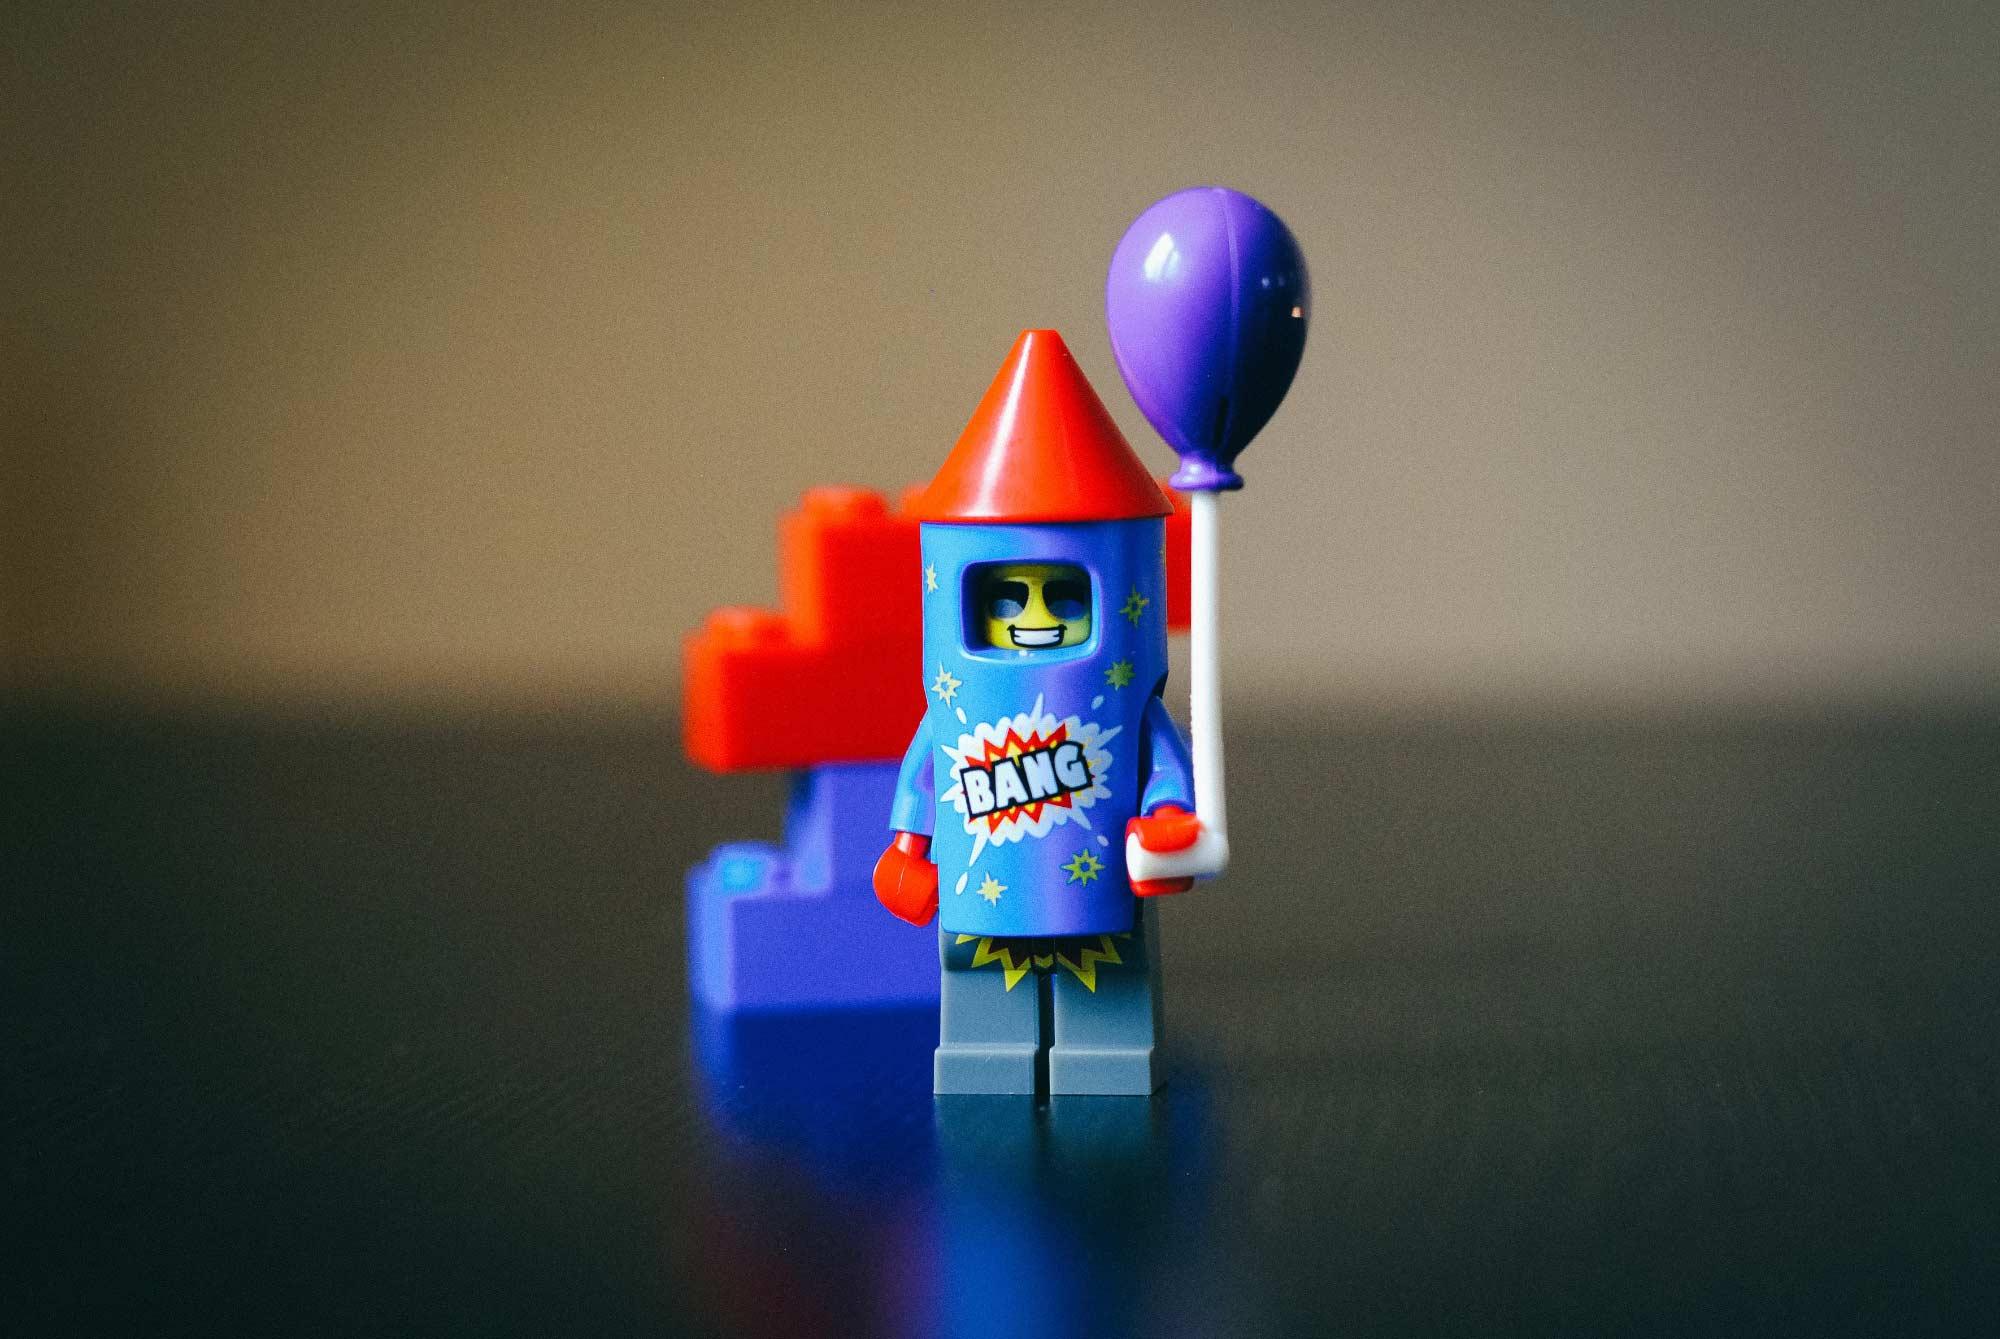 Lego rocket man ready for takeoff